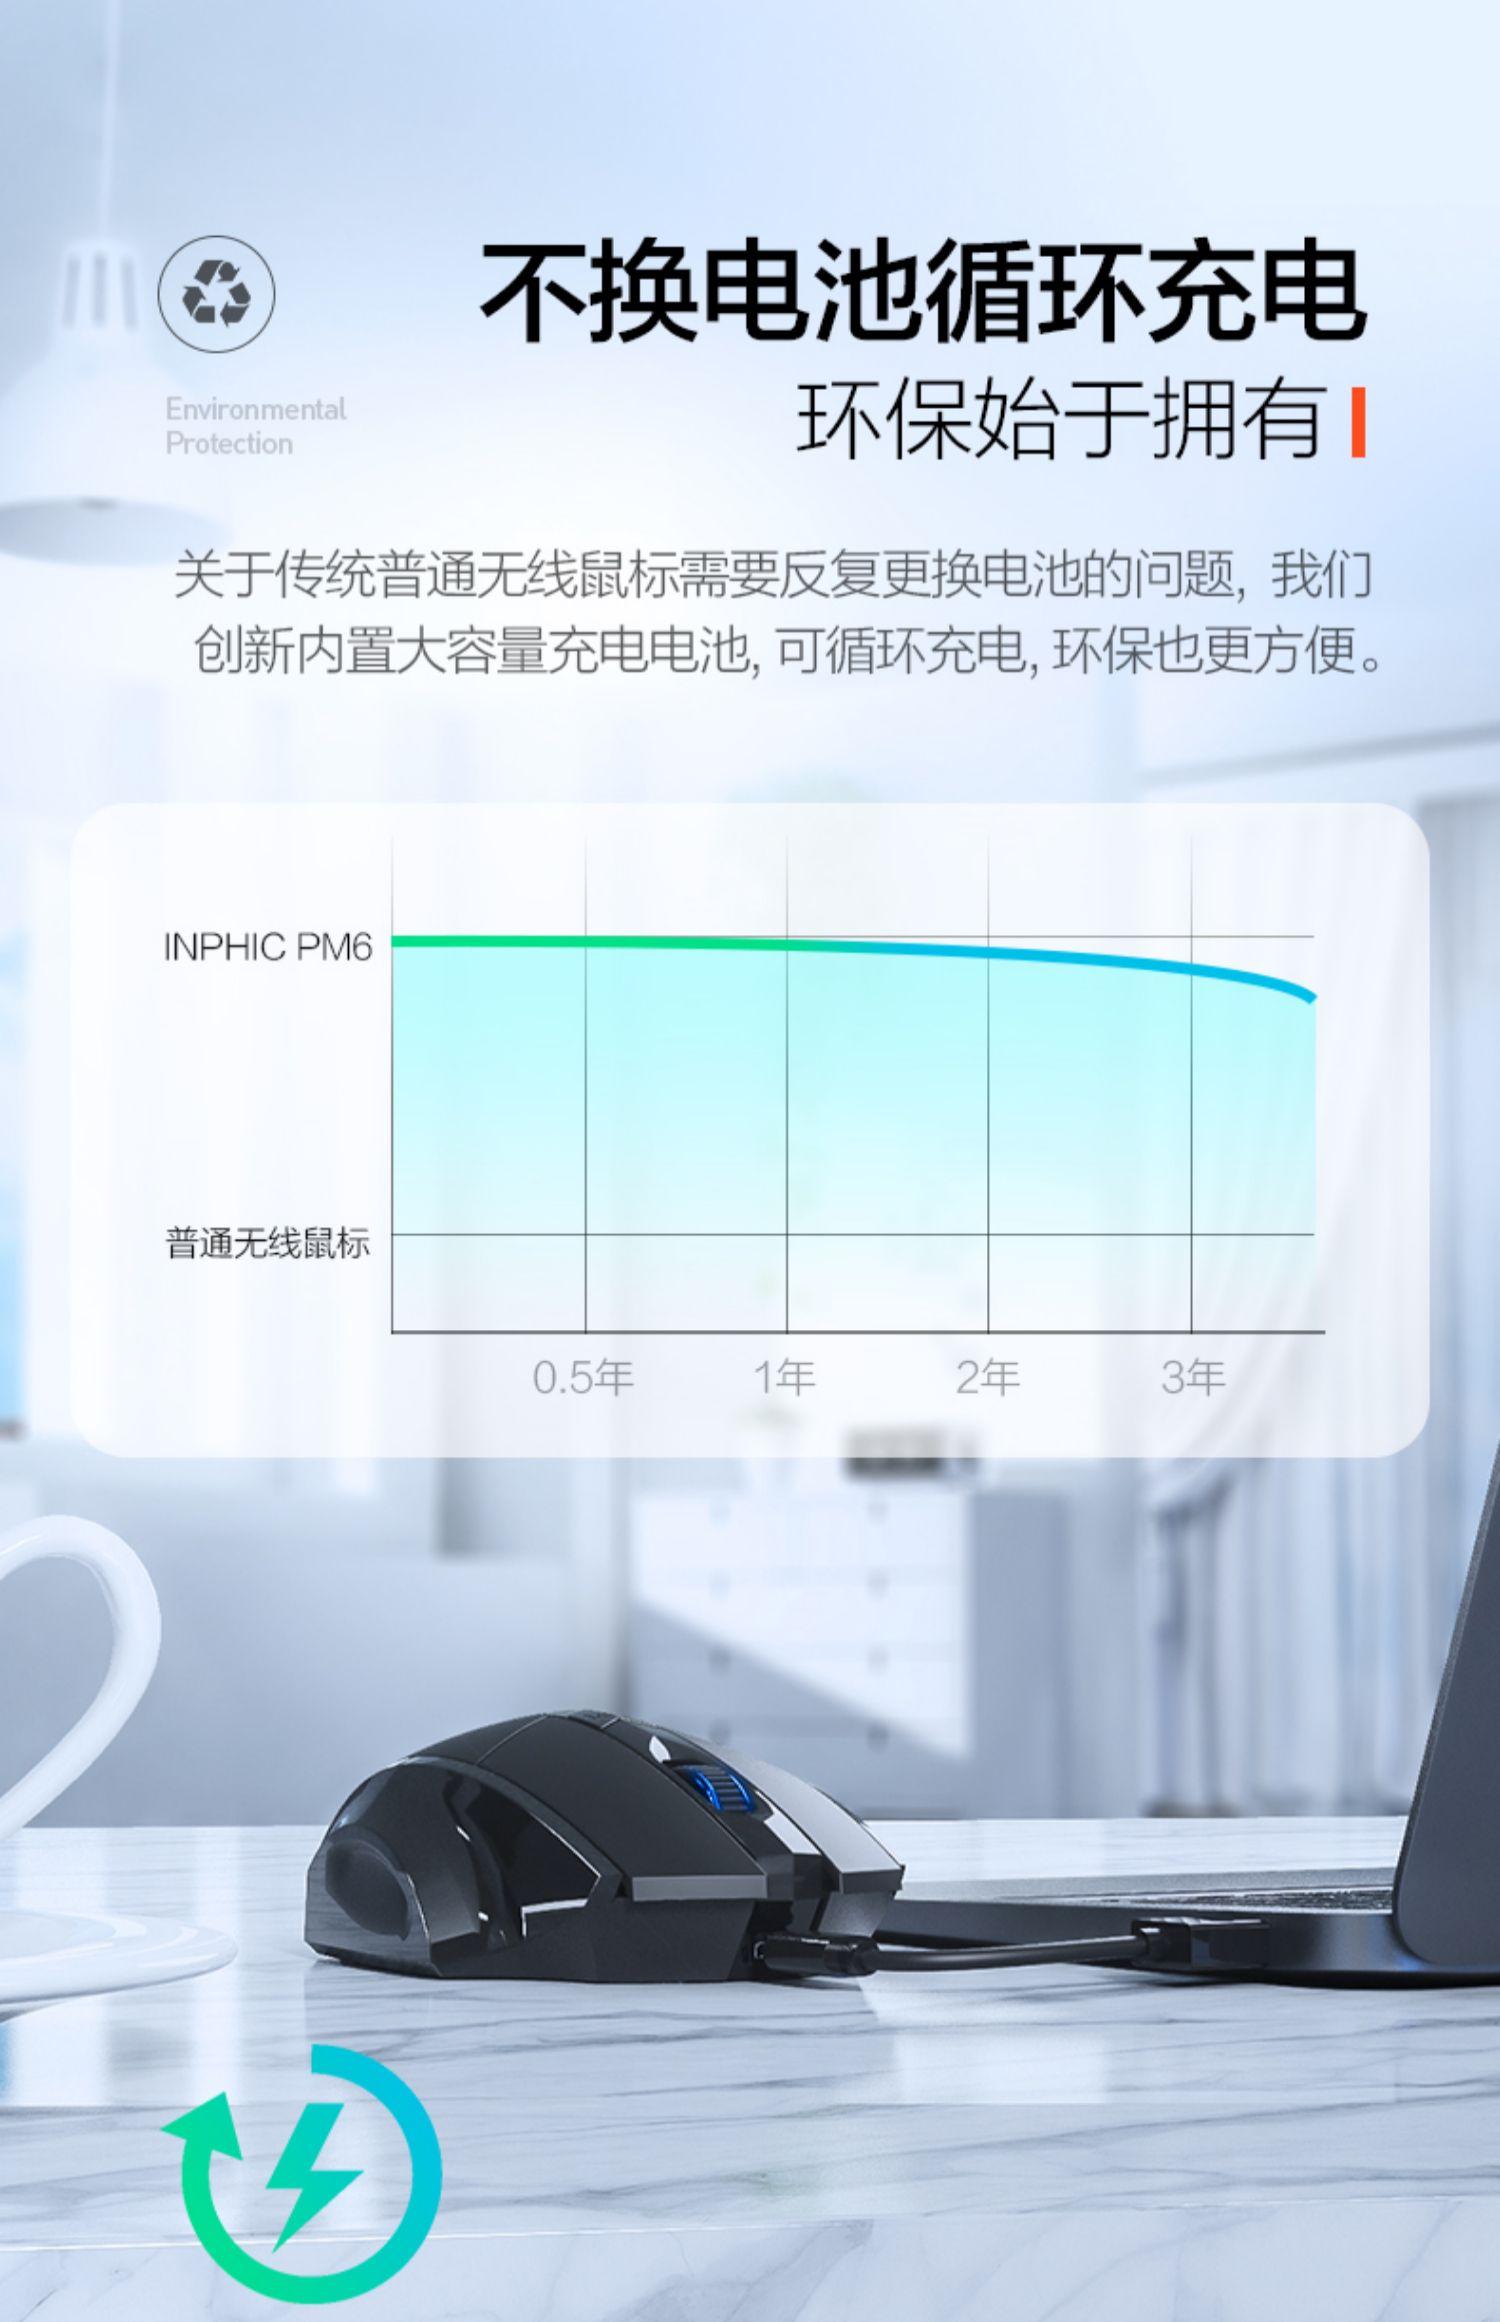 超值!可充电无线游戏鼠标电量加倍版